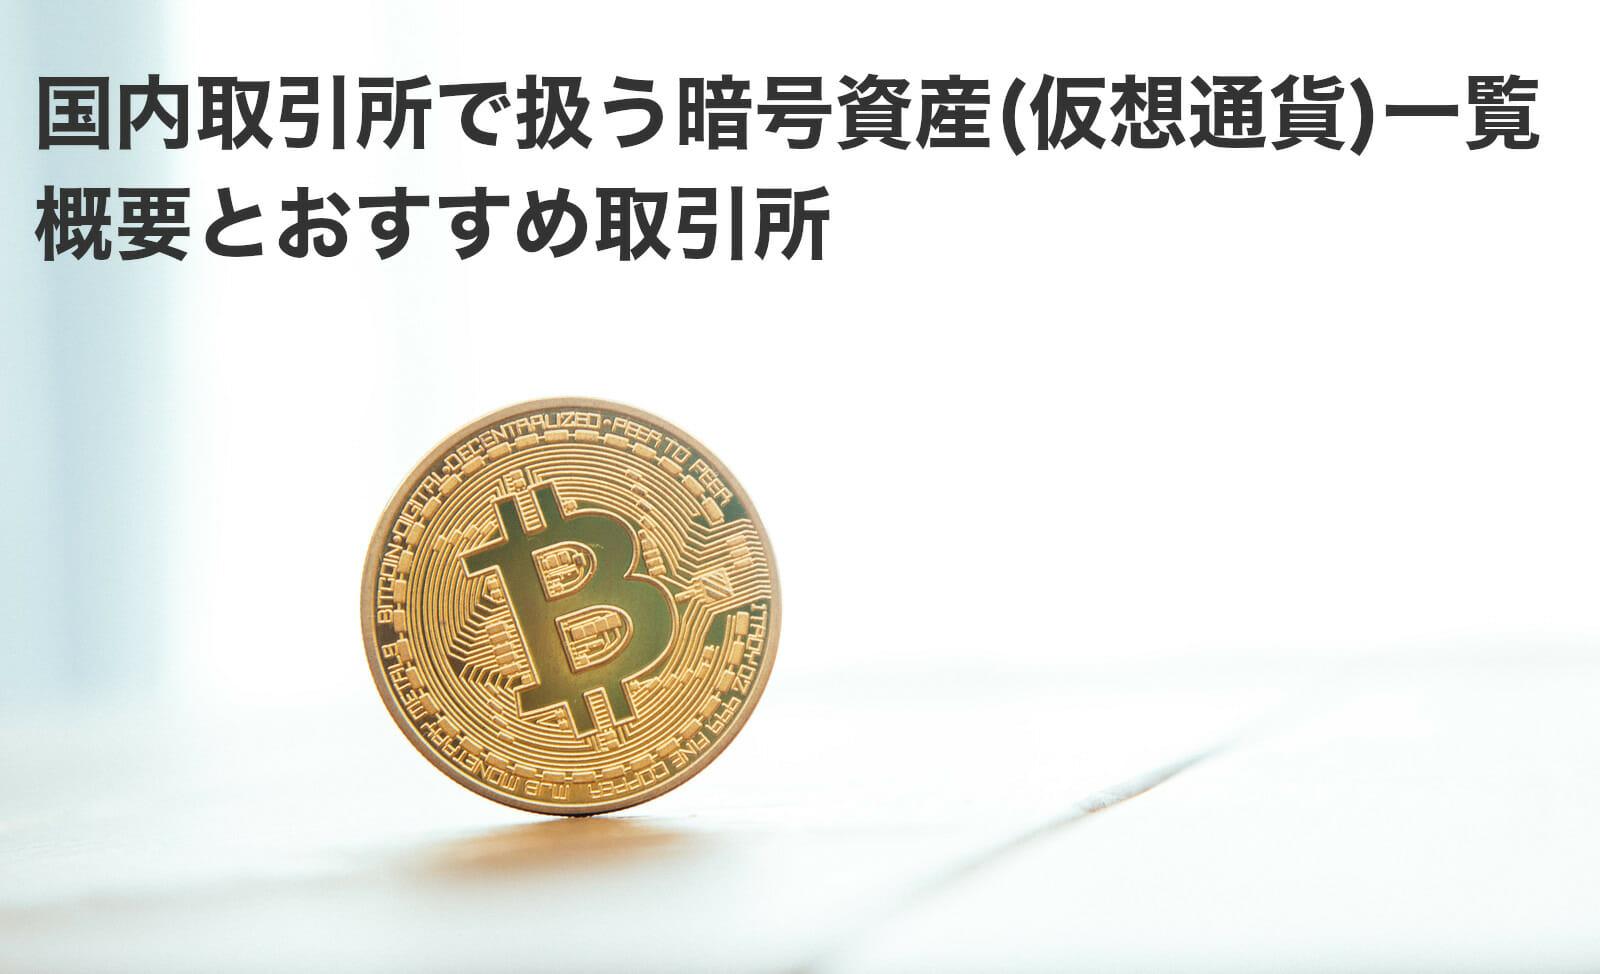 国内取引所で扱う暗号資産(仮想通貨)一覧 概要とおすすめ取引所